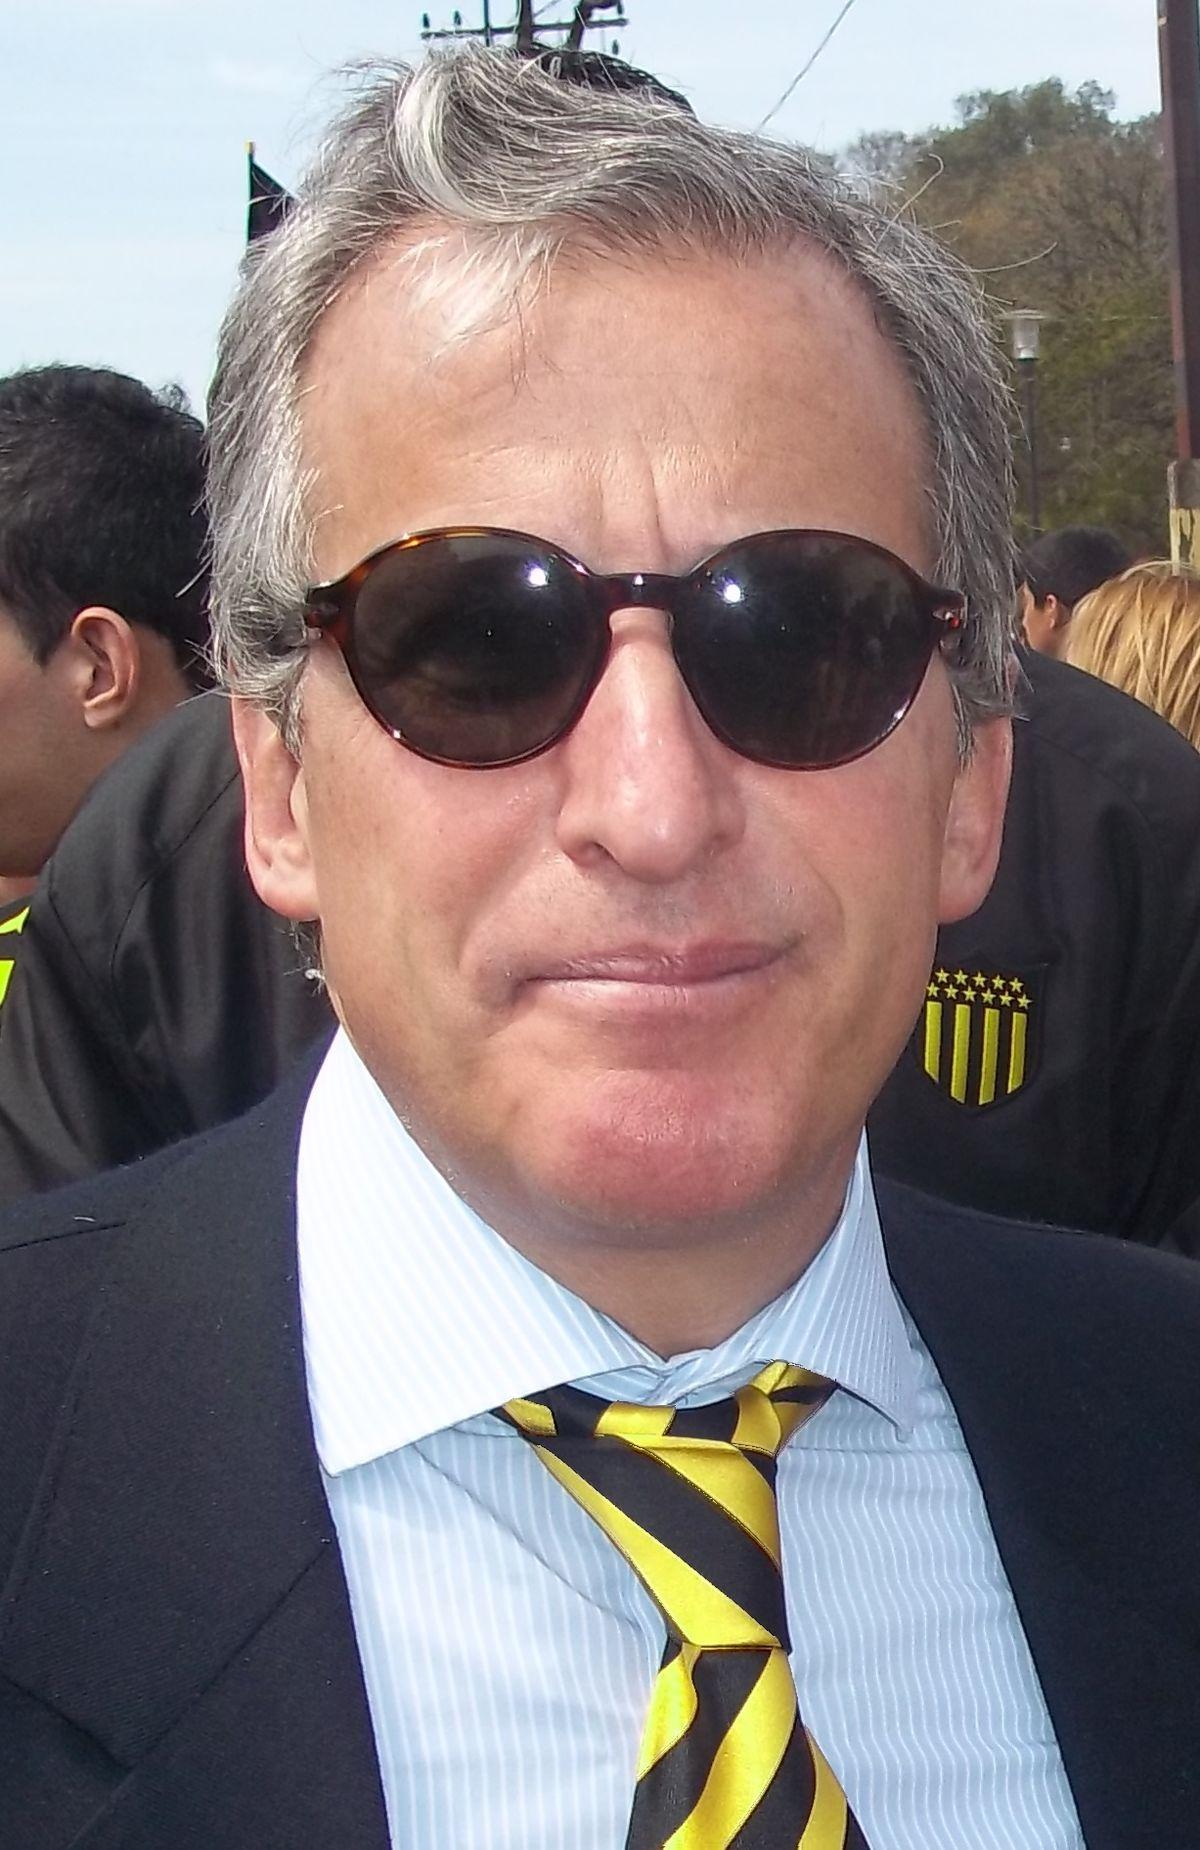 ¡¡ ULTIMO MOMENTO !! Damiani es embargado de todos sus bienes tras no pagar el prestamo para la construccion de su estadio !!!